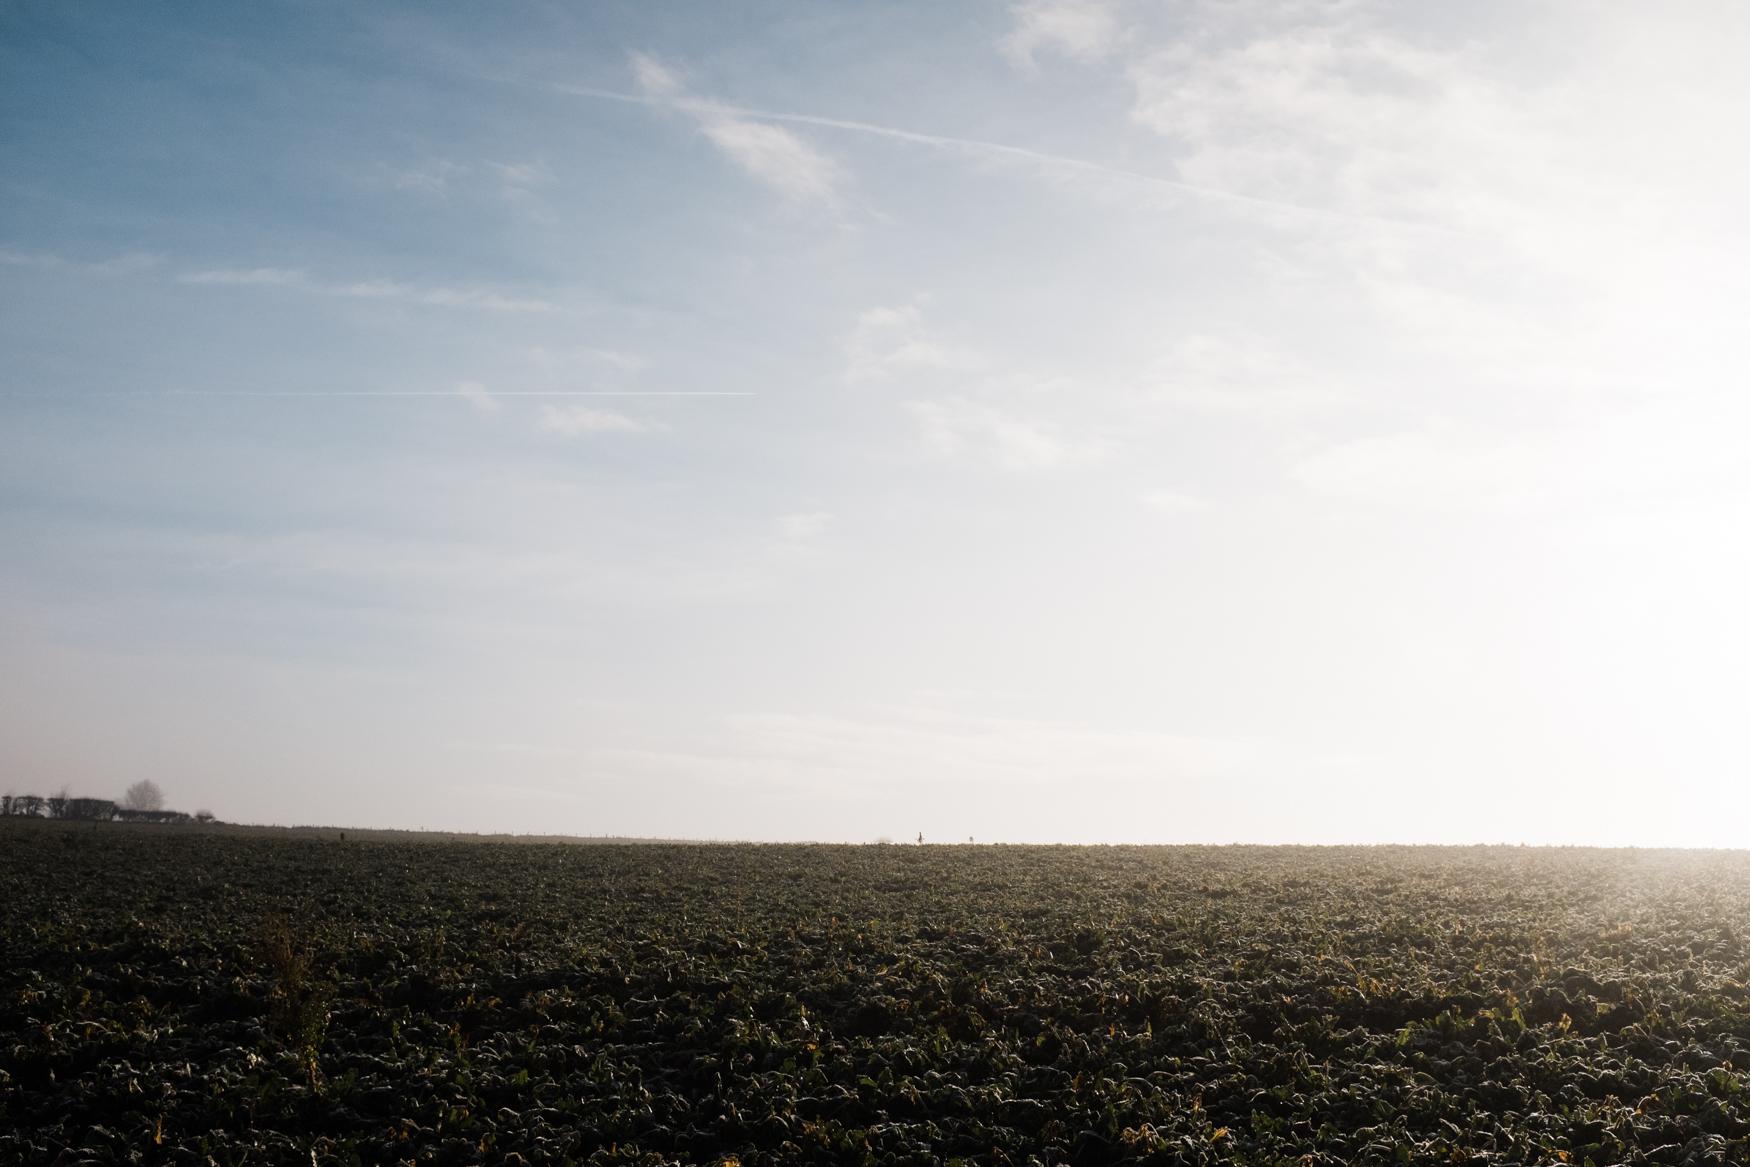 Alex-Sedgmond-Photography-Cardiff-Wales-Forbesfield-Florist-Cardiff-Rosedew-Farm-Flower-School-FFS-3.JPG